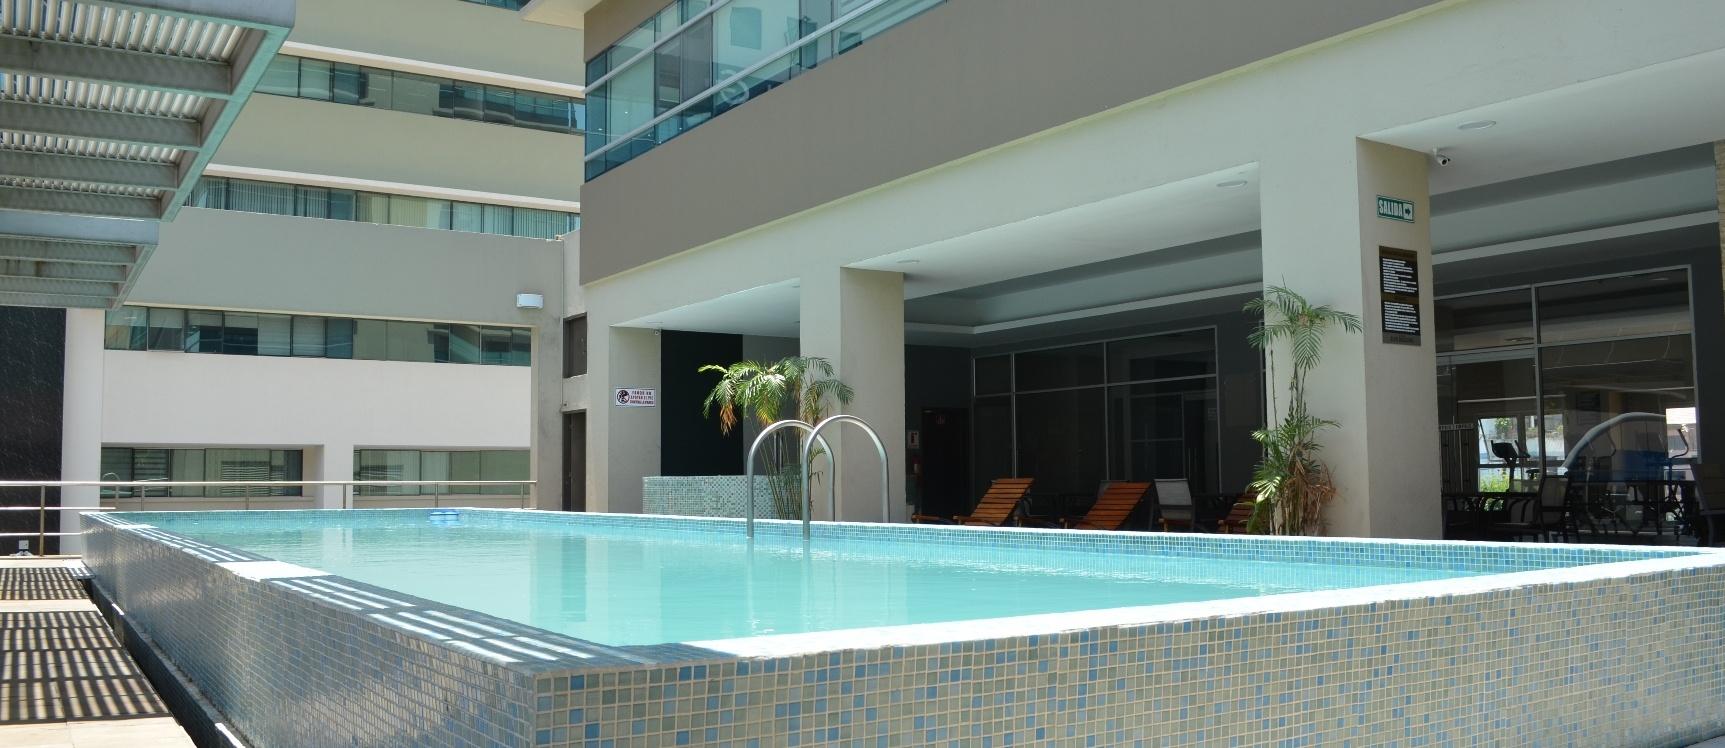 GeoBienes - Departamento en venta en edificio Élite Building sector Mall del Sol - Plusvalia Guayaquil Casas de venta y alquiler Inmobiliaria Ecuador